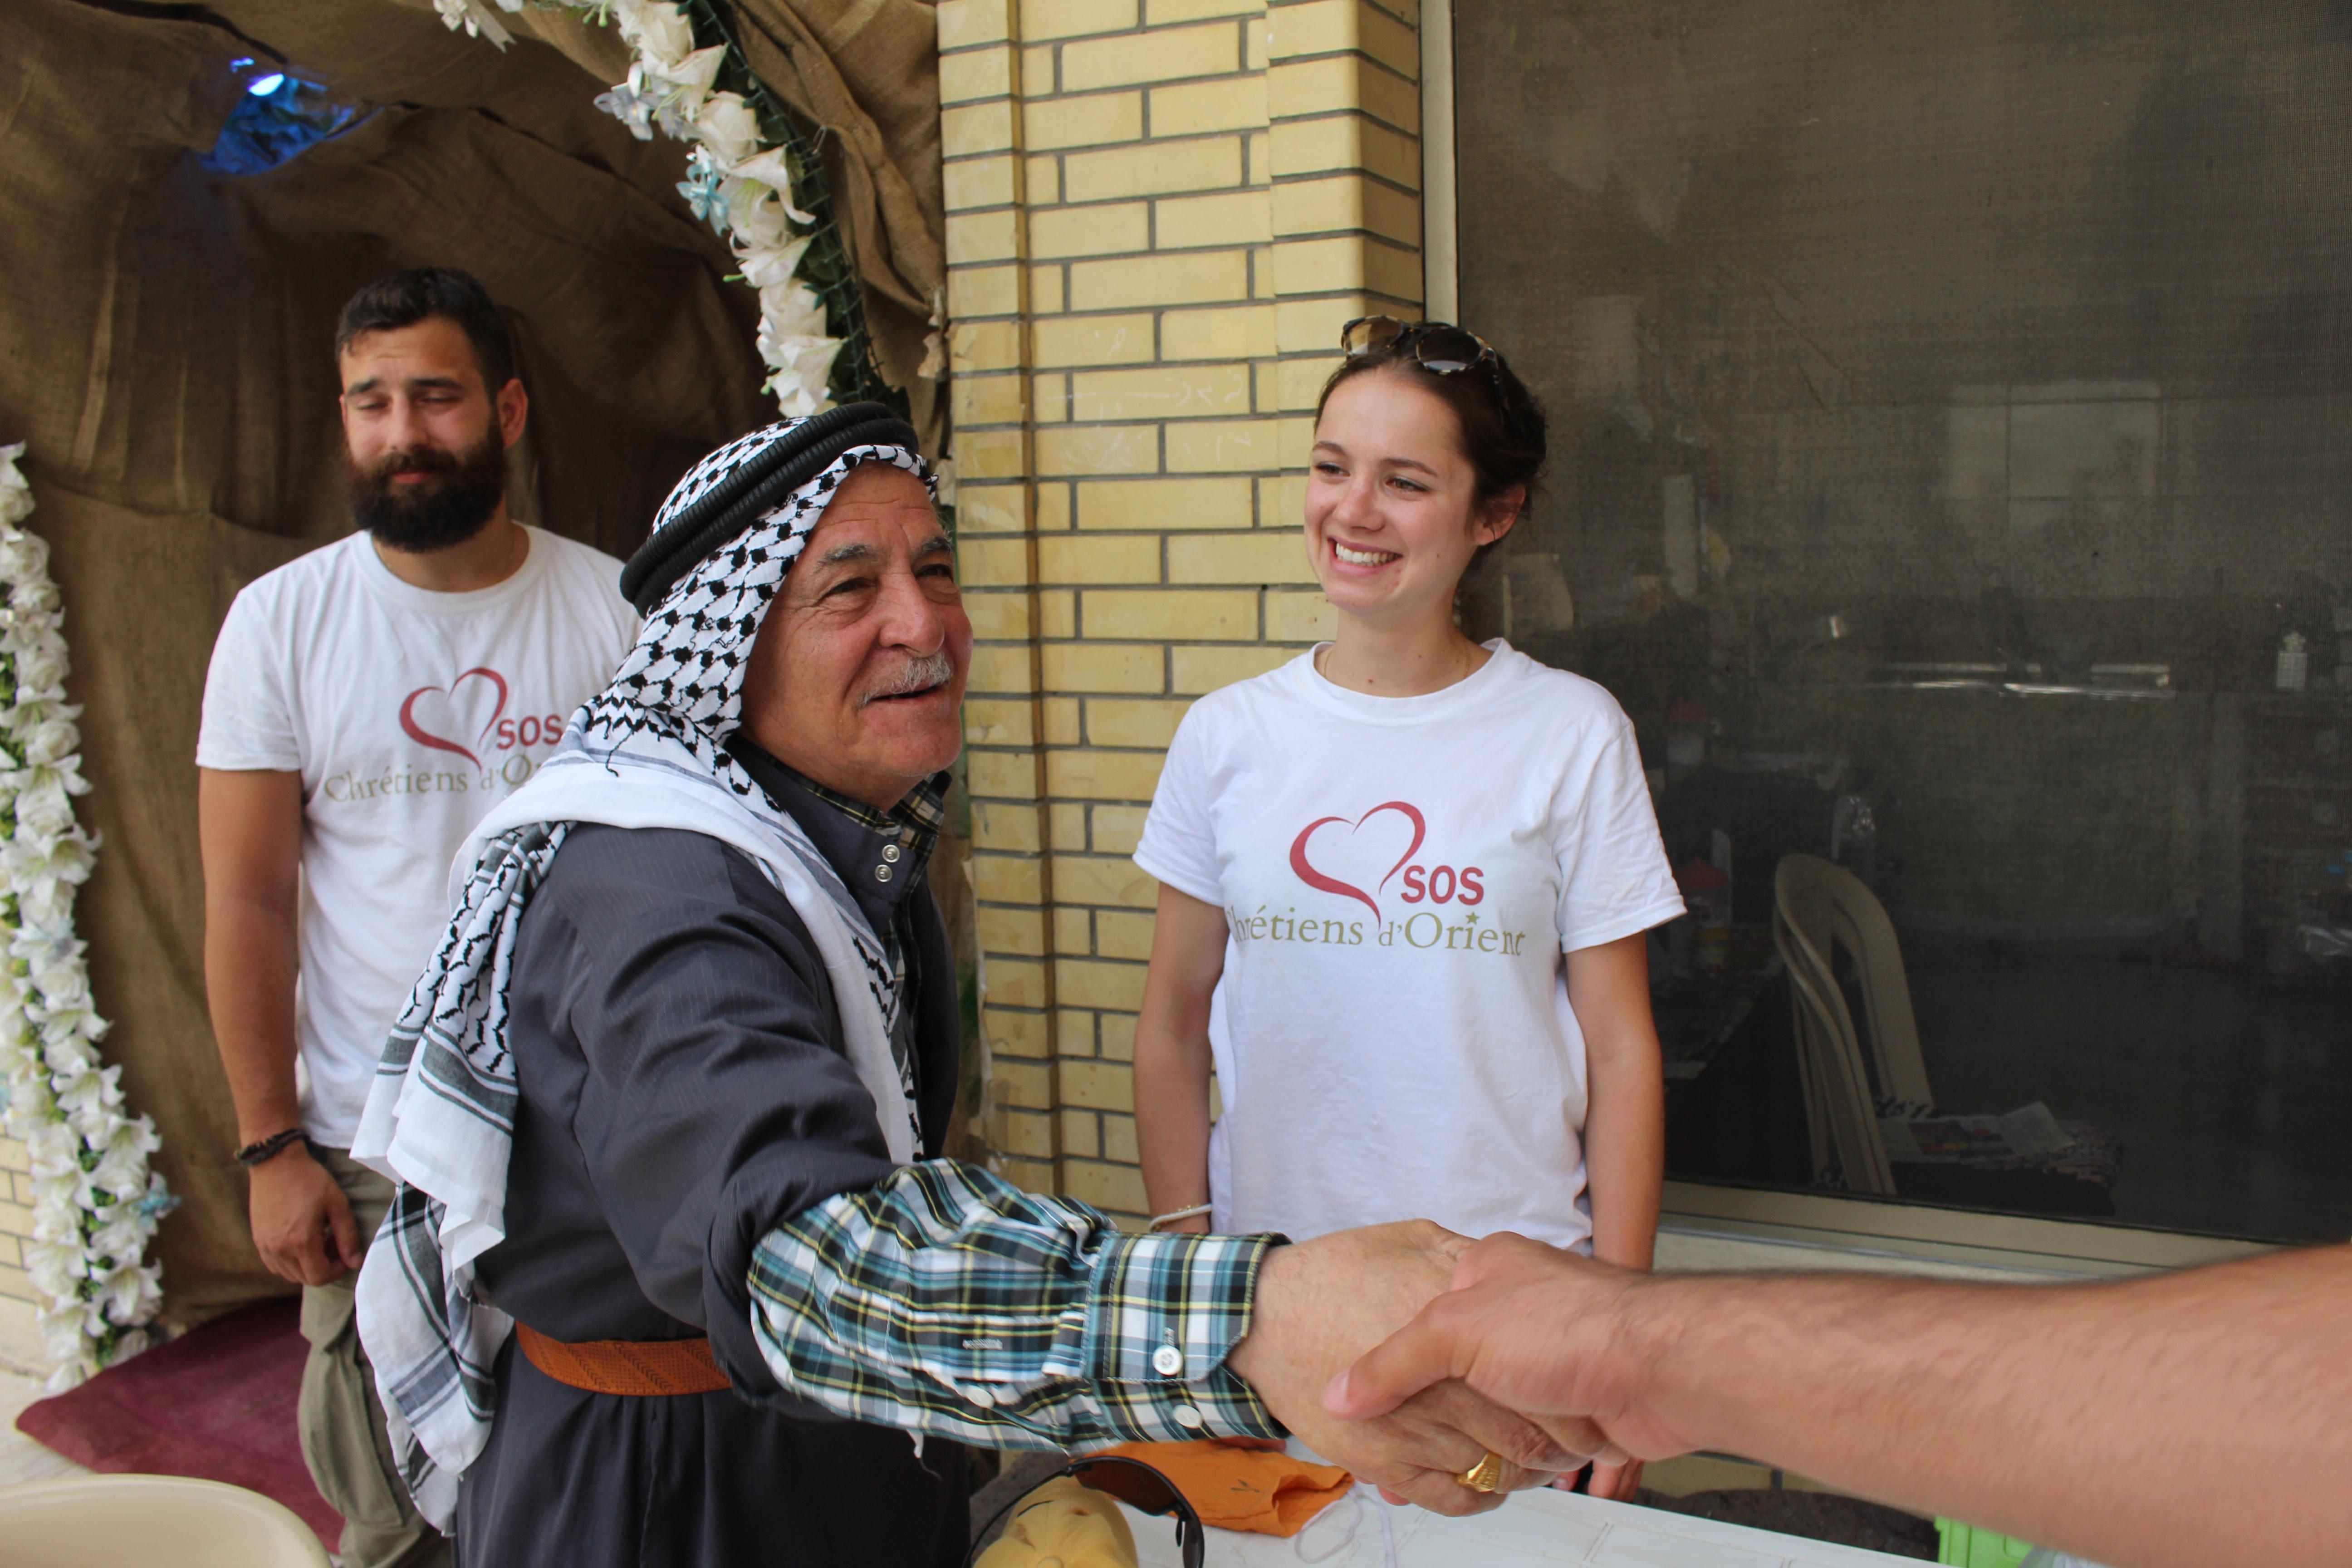 Poignée de main entre les irakiens et les étudiants français de SOS chrétiens d'Orient © Sylvain Dorient